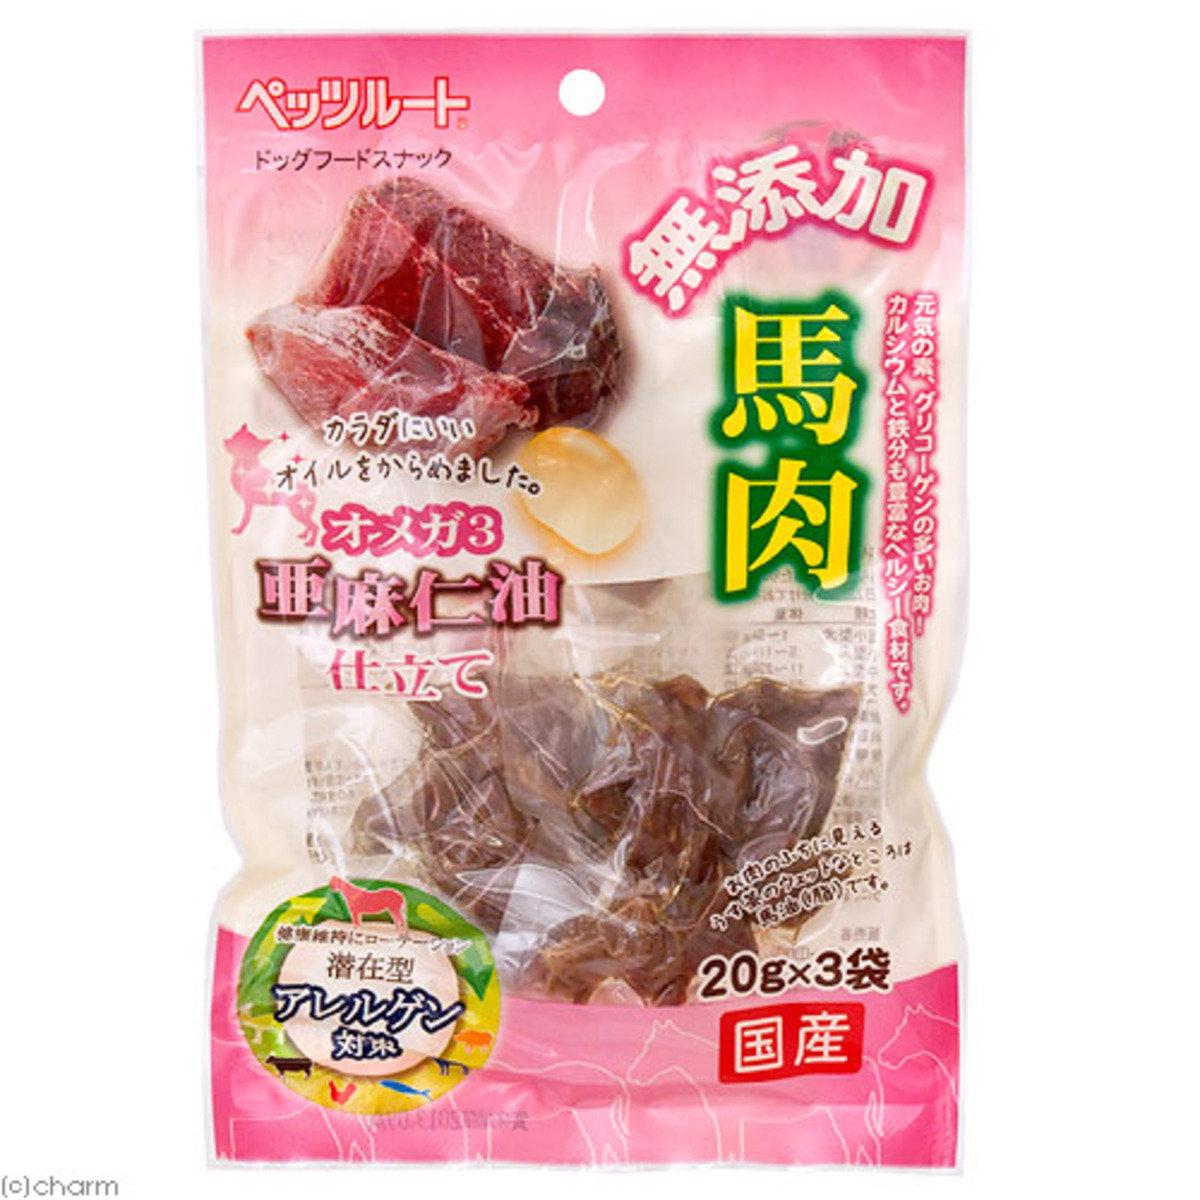 日本 PETZROUTE 亞麻子油馬肉 20gx3